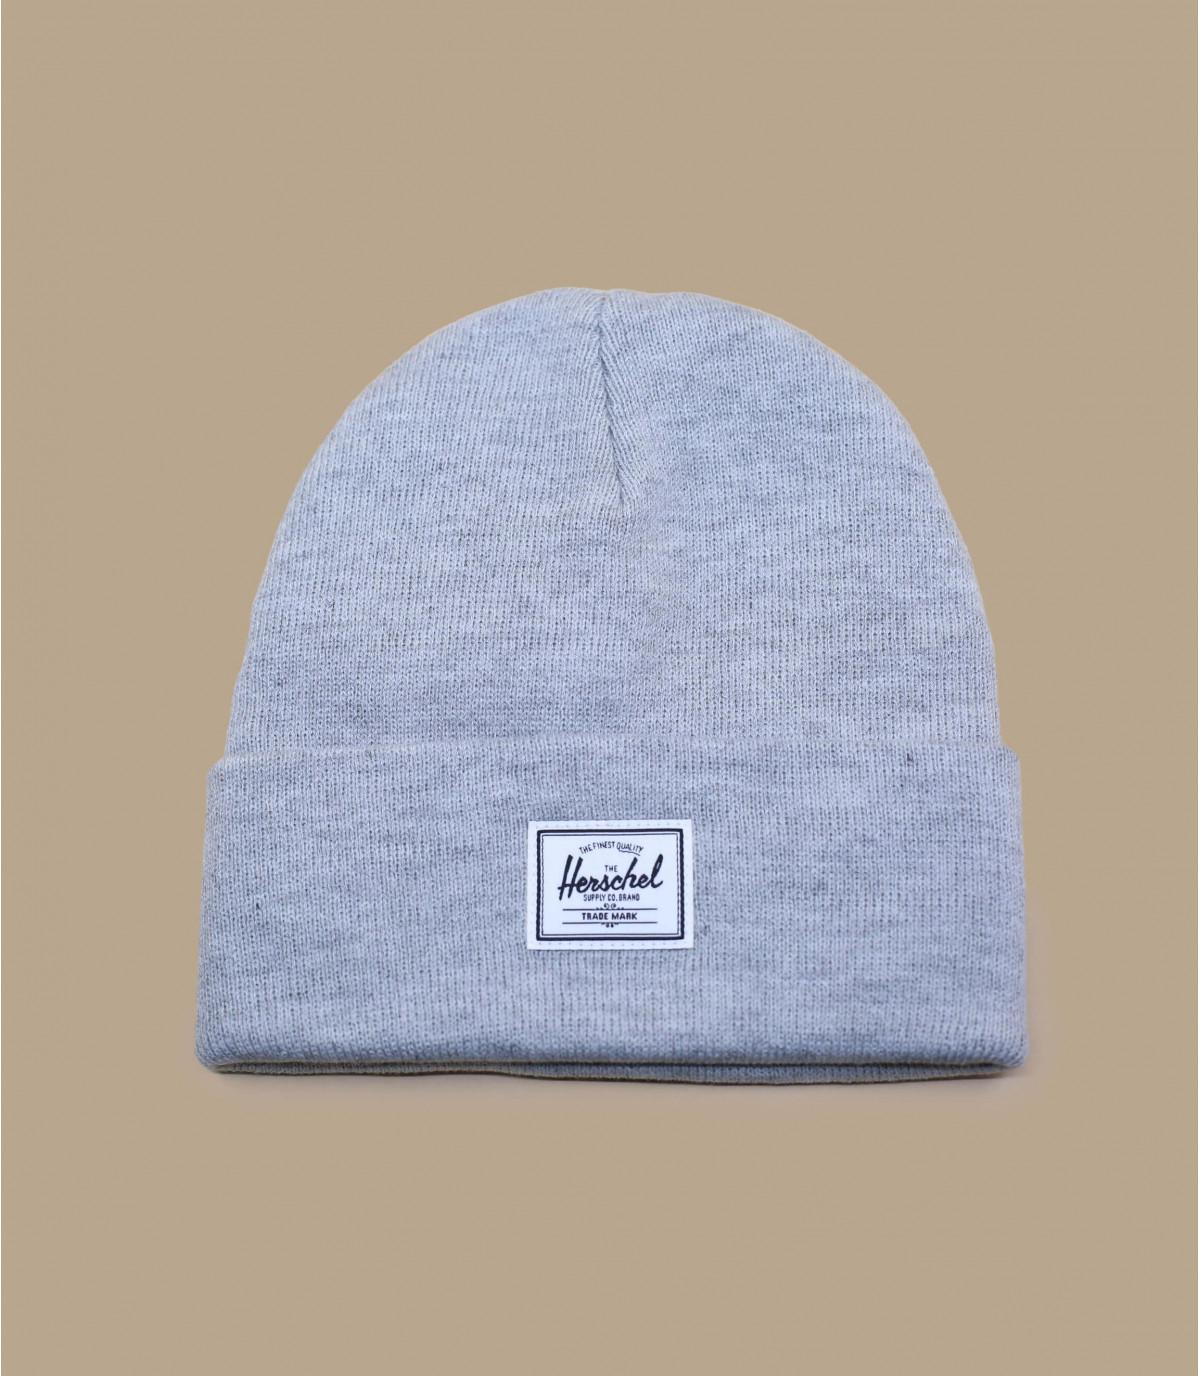 Herschel cappello grigio erica